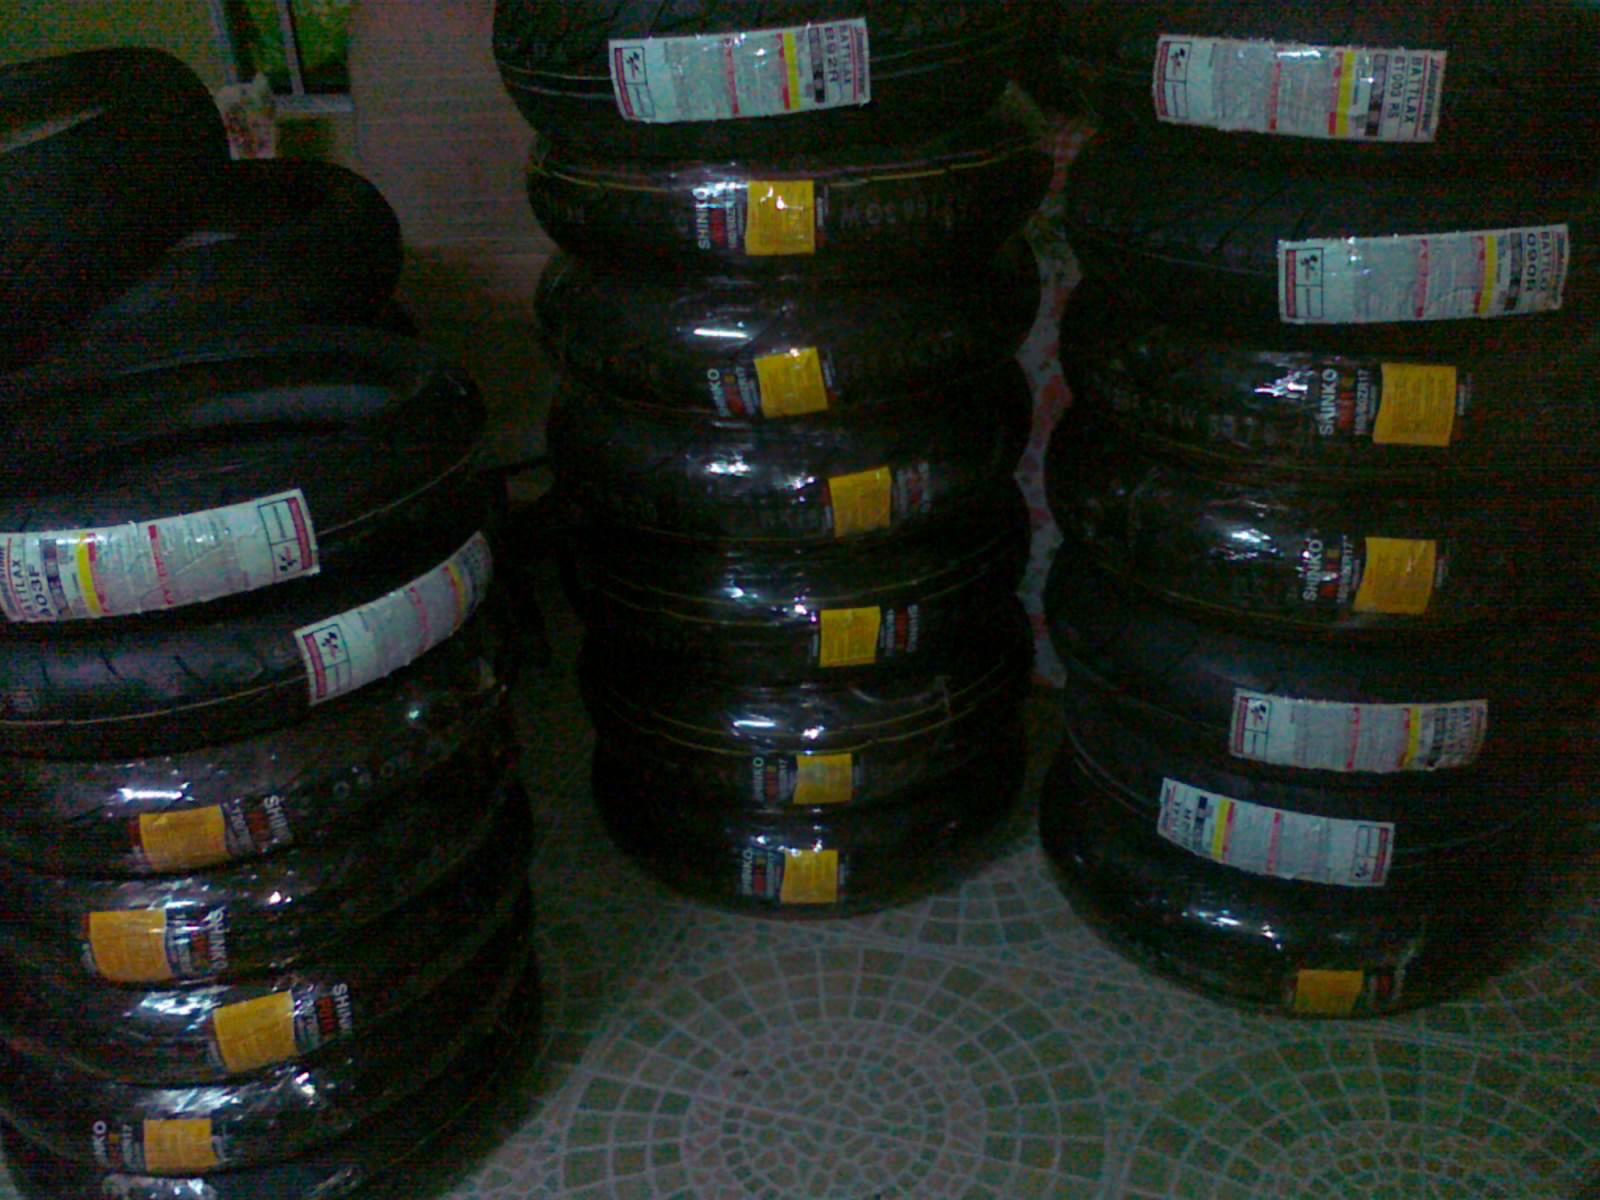 http://1.bp.blogspot.com/-qmufSa-ig1w/TpWGHlR3XlI/AAAAAAAAAE8/lcxDiYDH2gs/s1600/061020112086.jpg